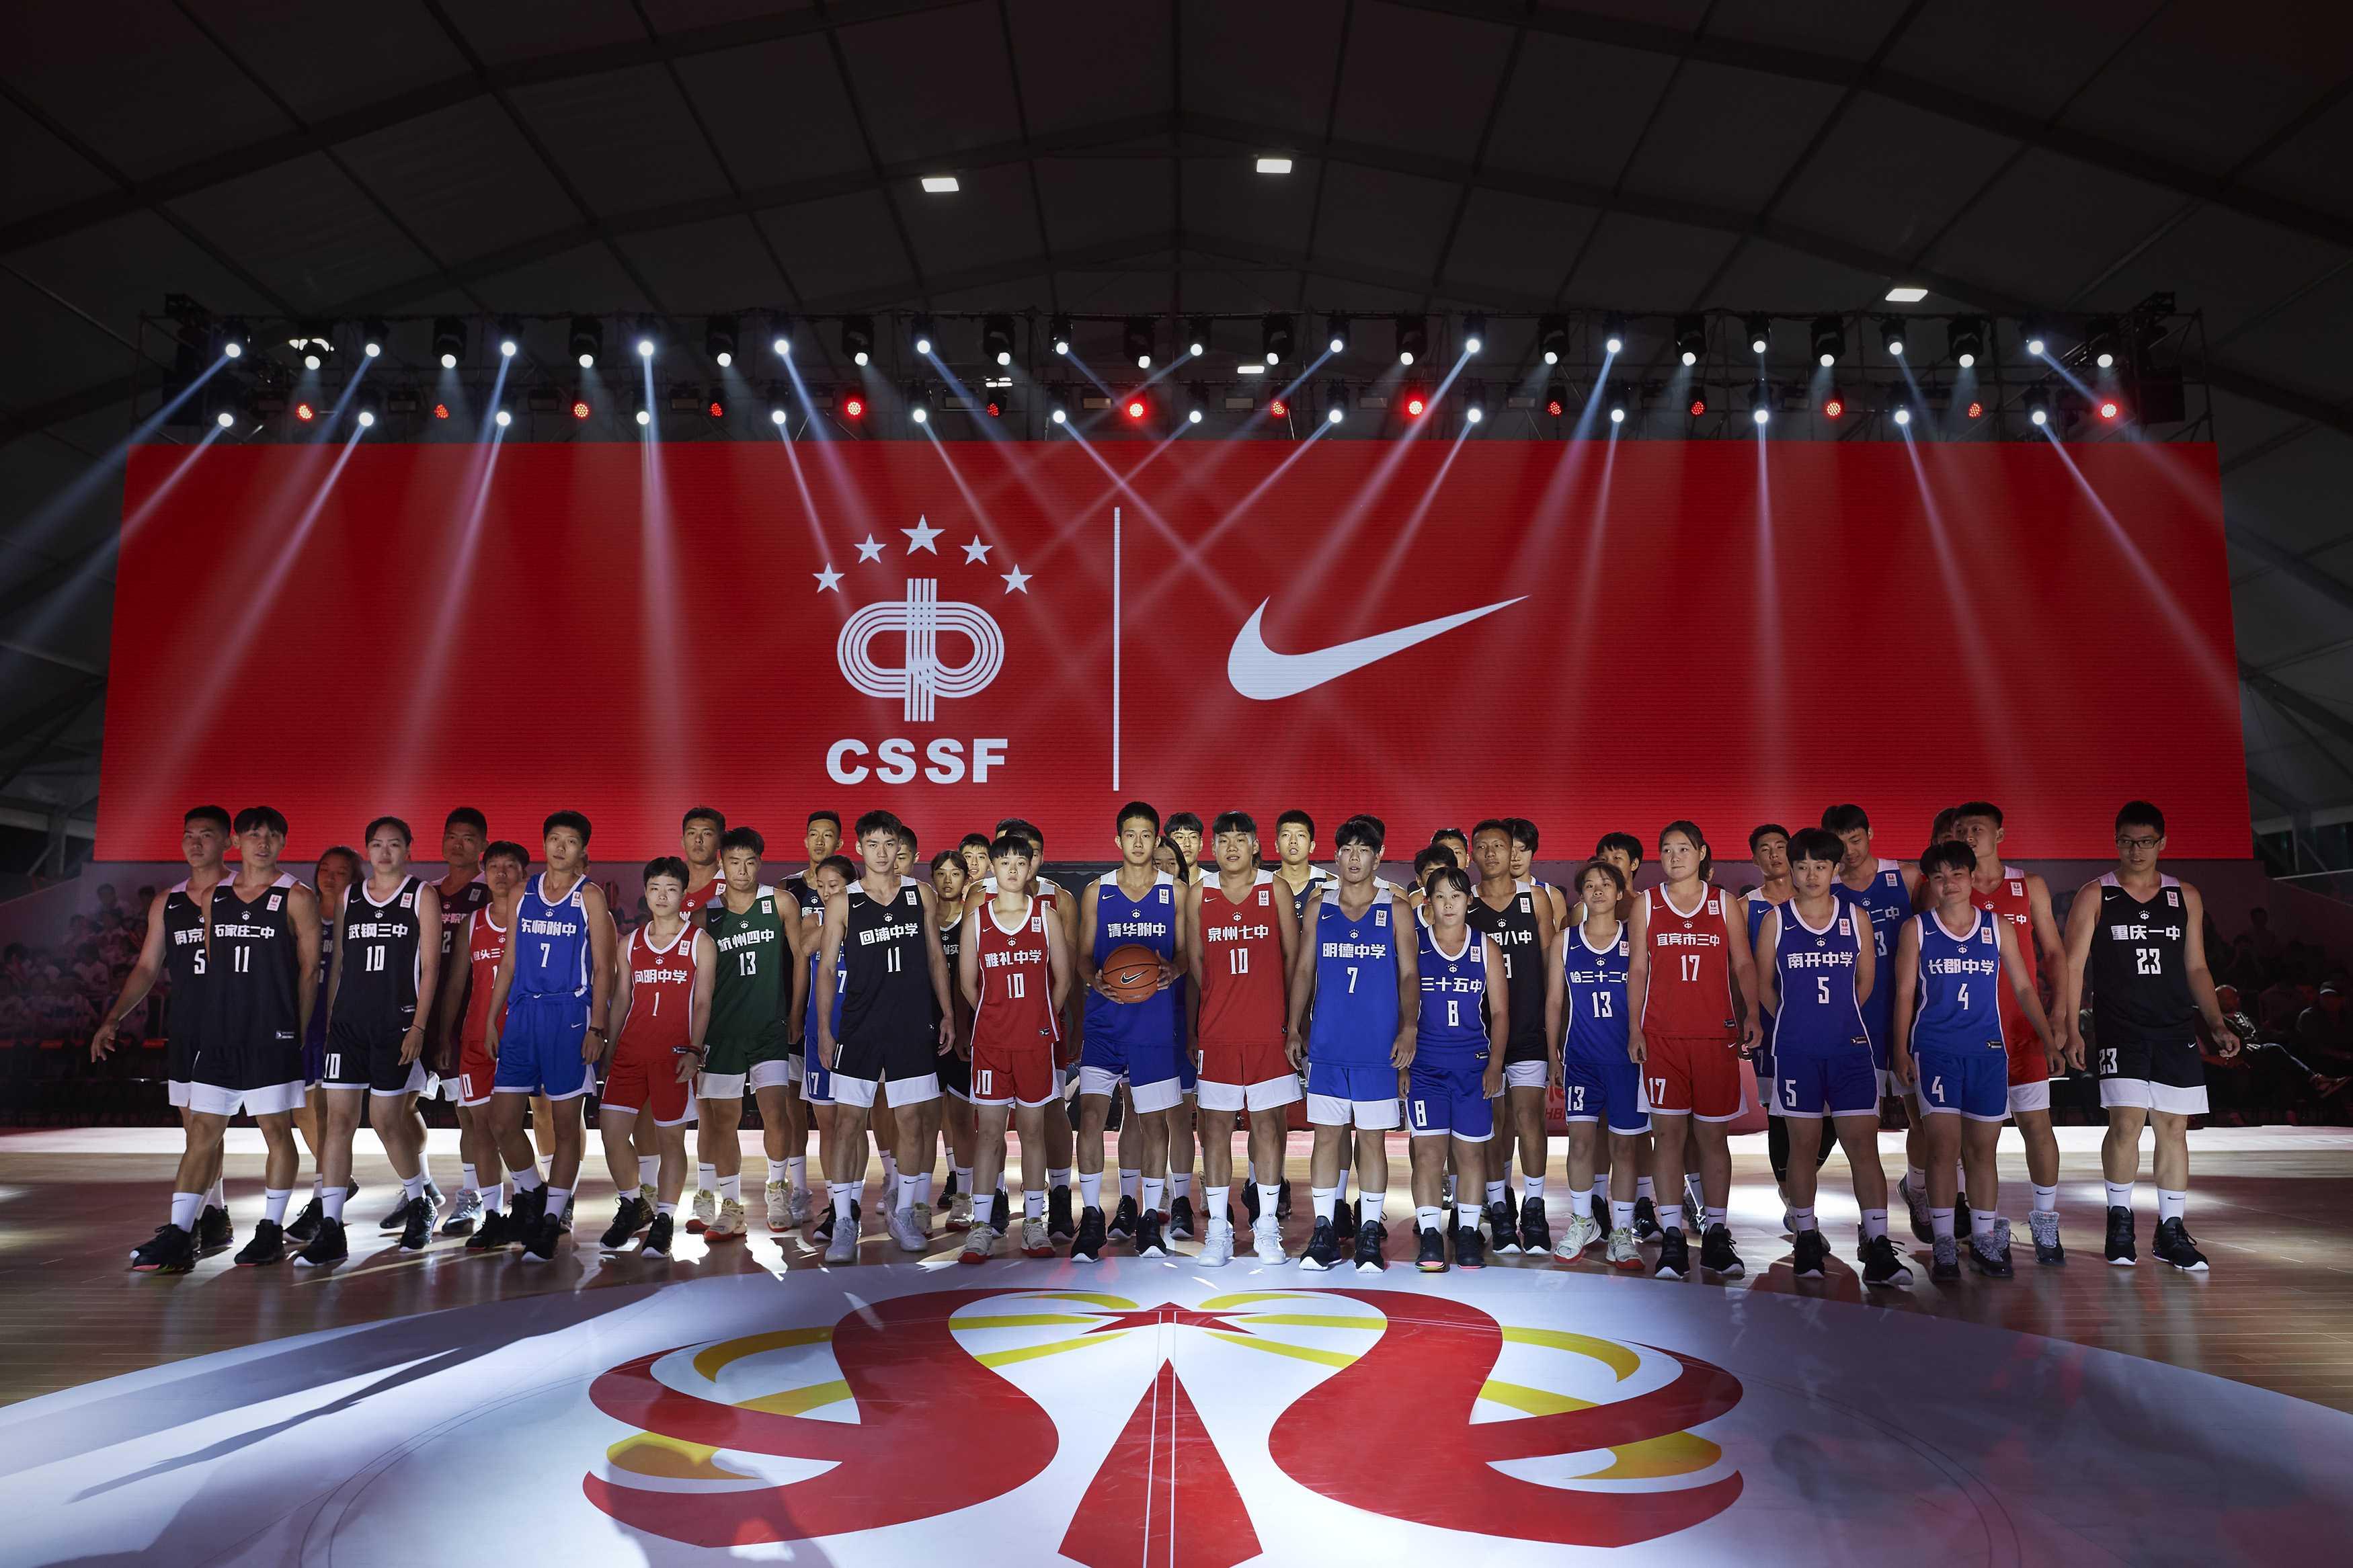 征途开始!2019-20耐克中国高中篮球联赛揭幕战打响!